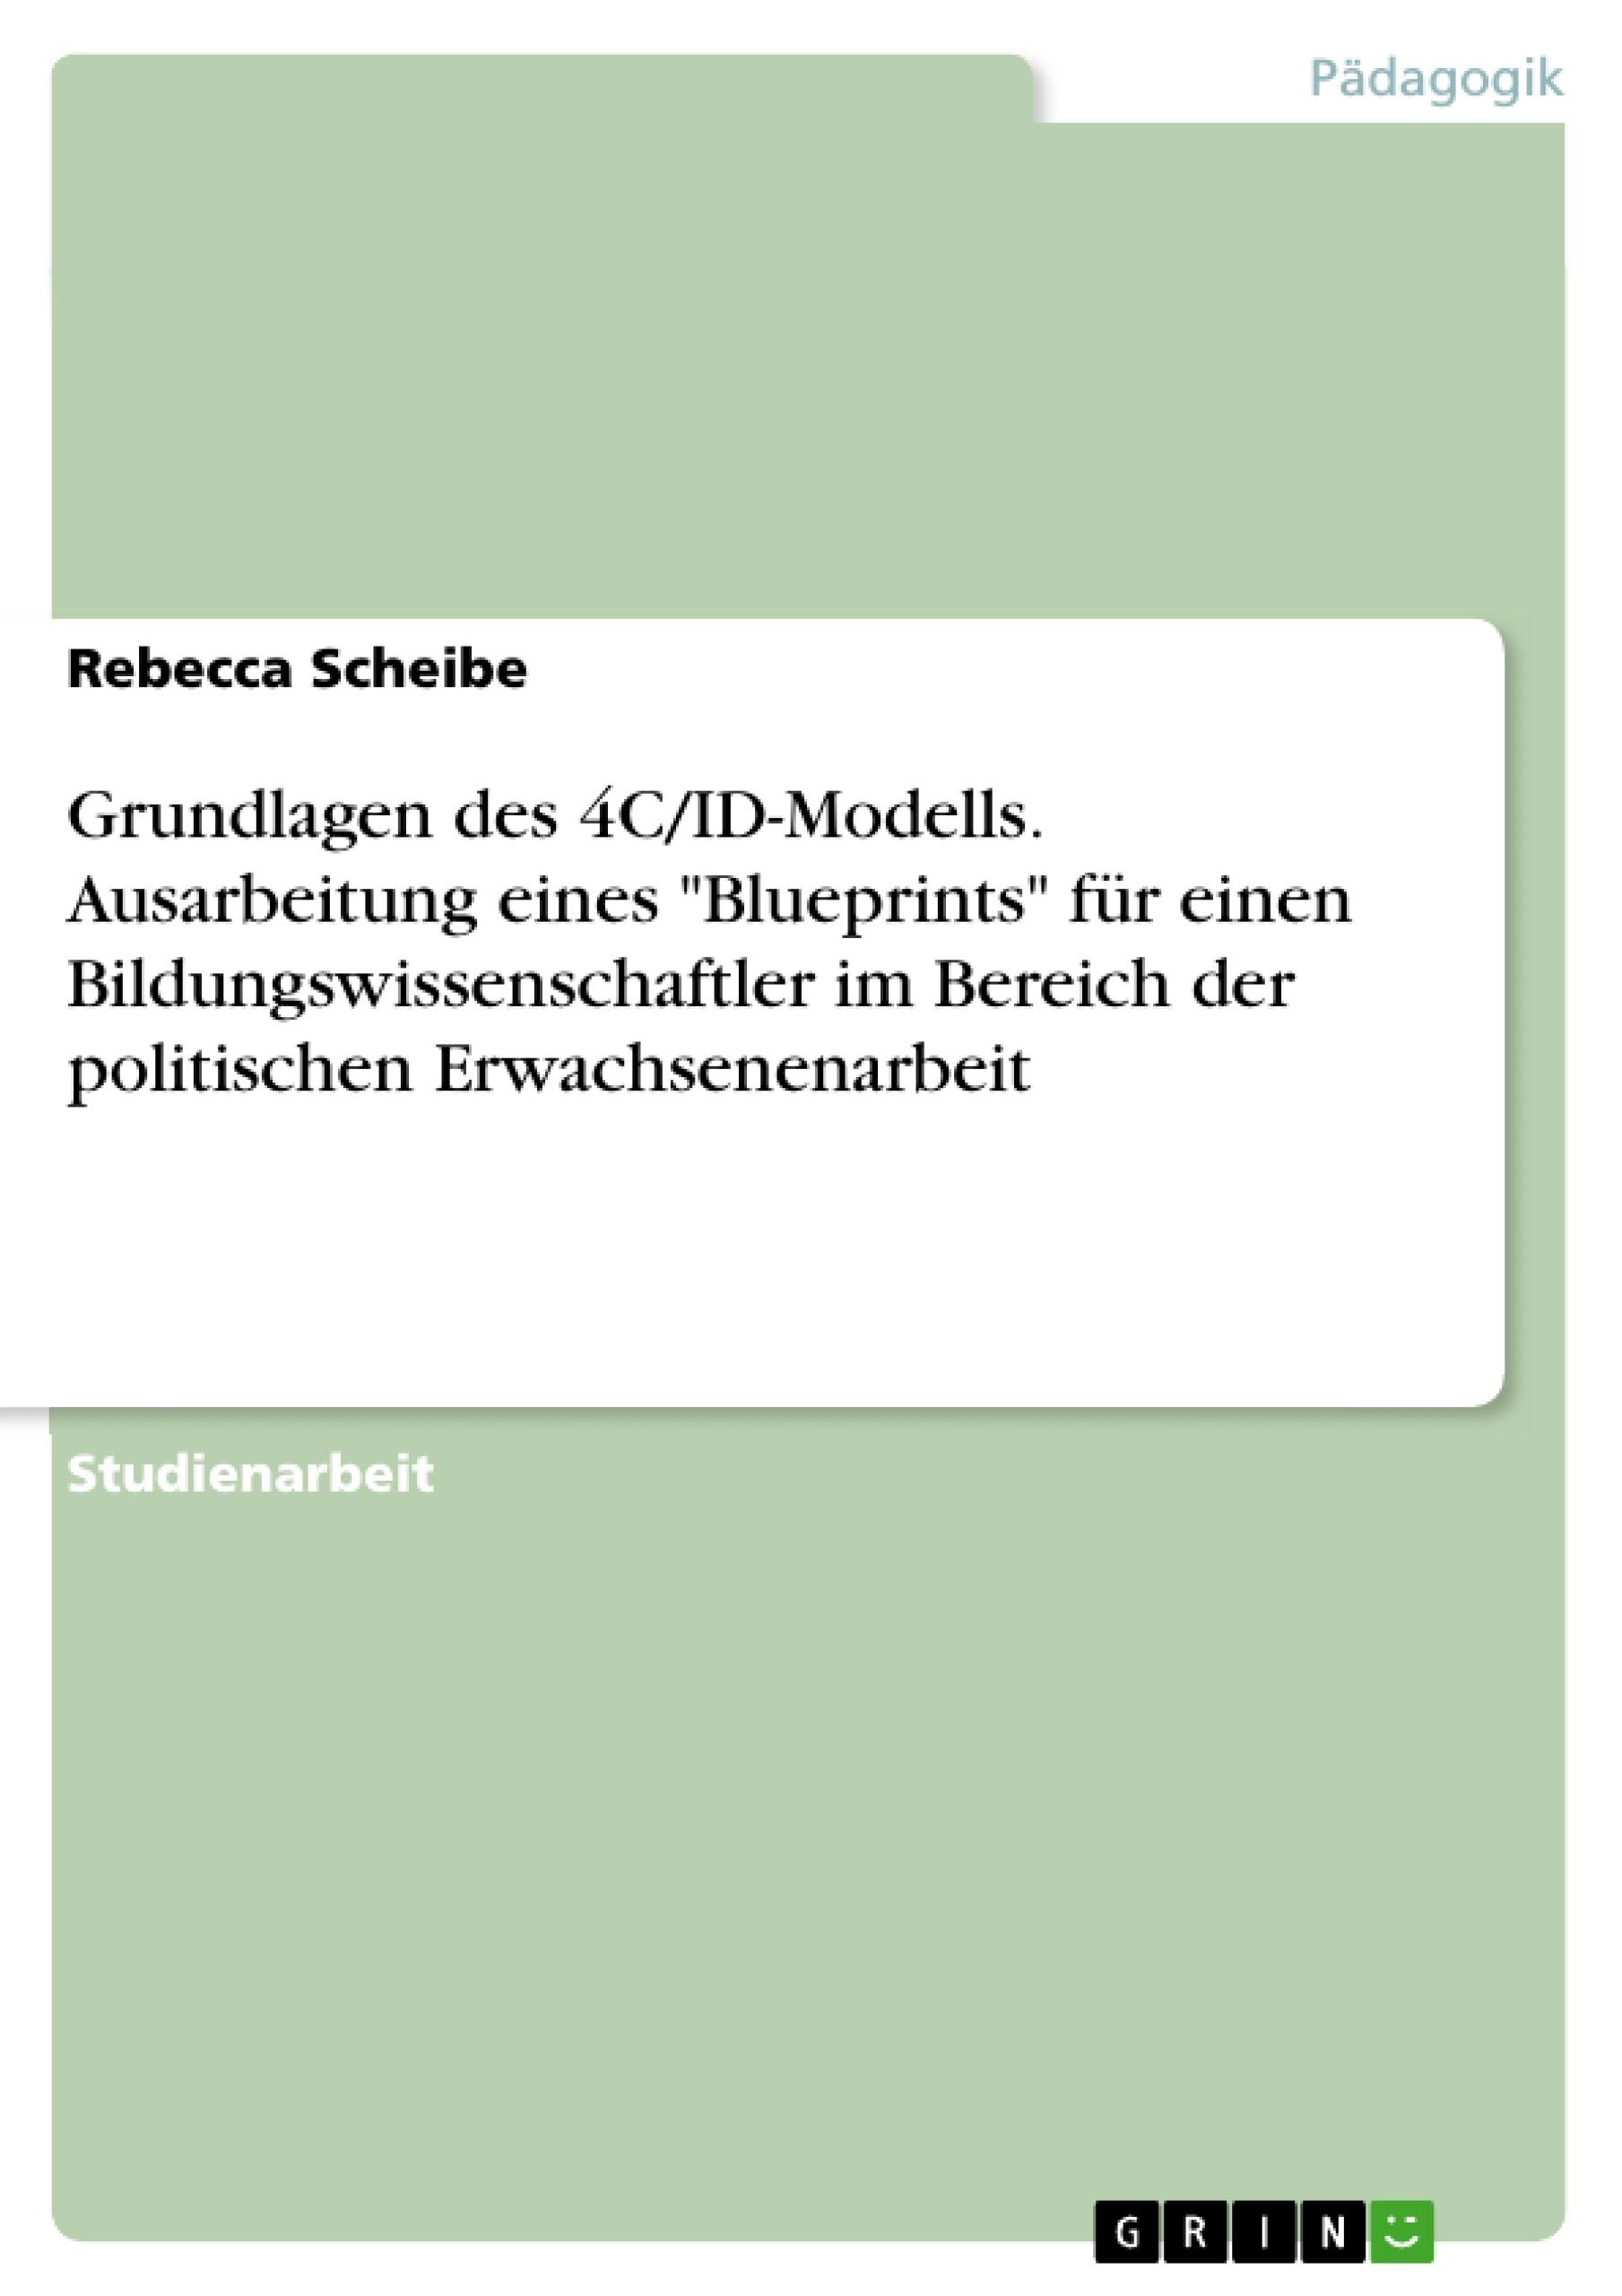 """Titel: Grundlagen des 4C/ID-Modells. Ausarbeitung eines """"Blueprints"""" für einen Bildungswissenschaftler im Bereich der politischen Erwachsenenarbeit"""